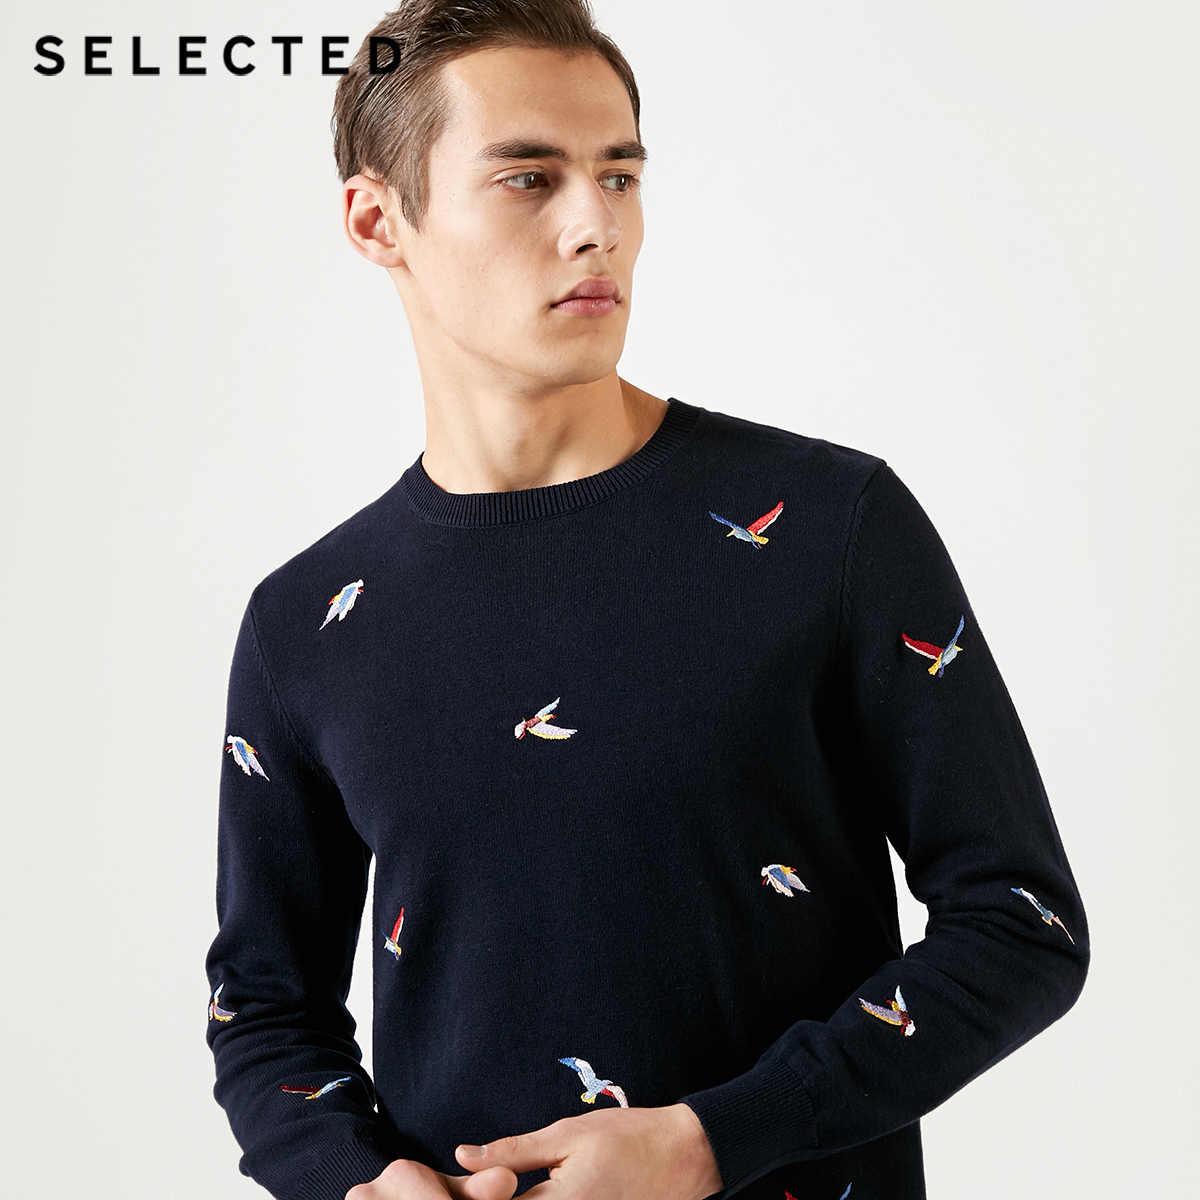 SELECTED 남성면 100% 동물 자수 풀오버 스웨터 신작 캐주얼 니트 의류 C   419124539